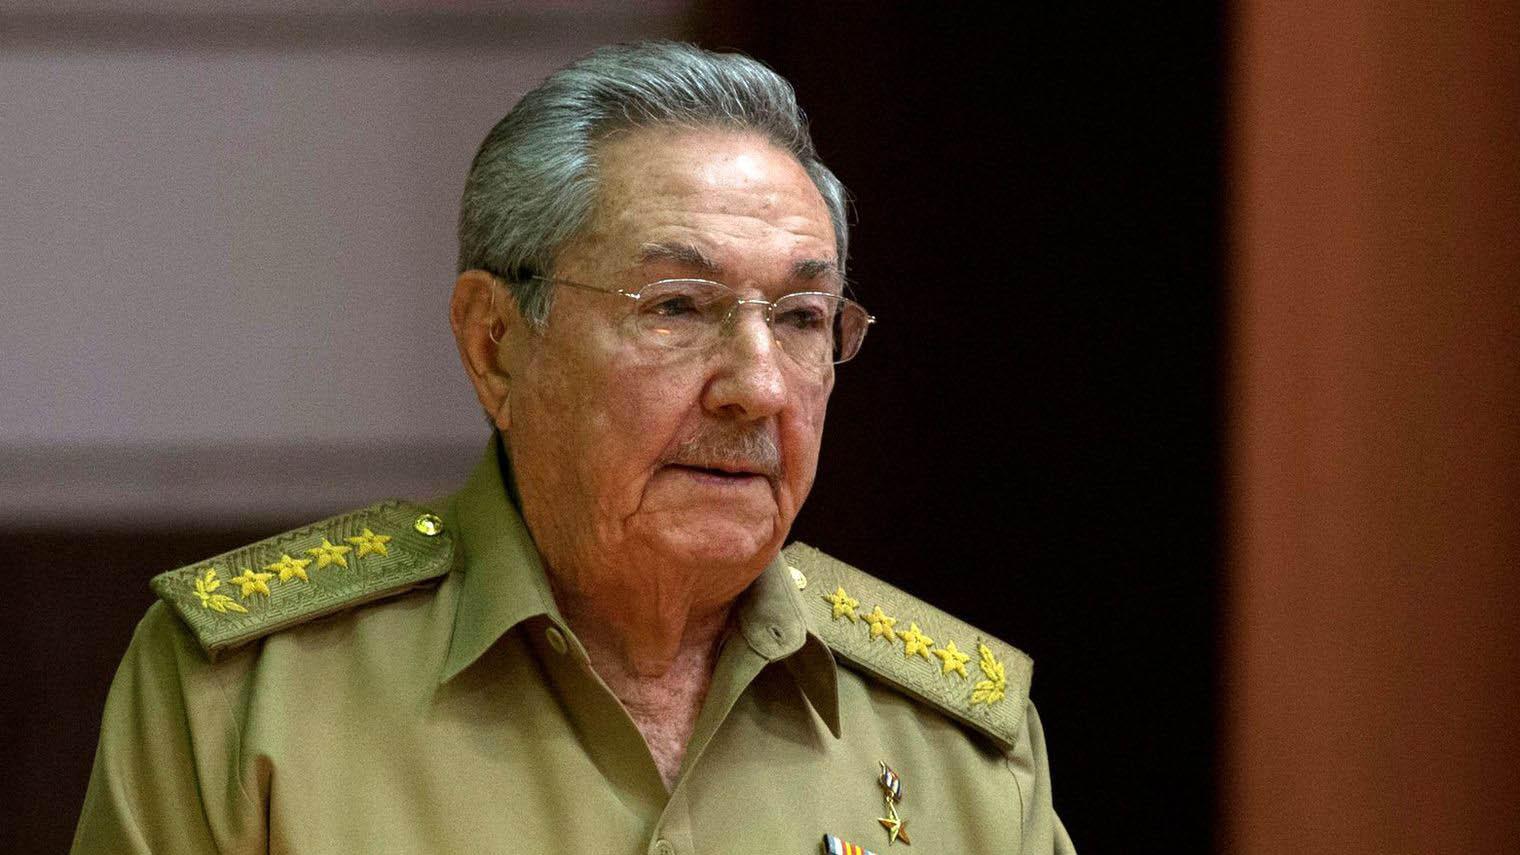 La isla estará representada previsiblemente por su ministro de Relaciones Exteriores, Bruno Rodríguez